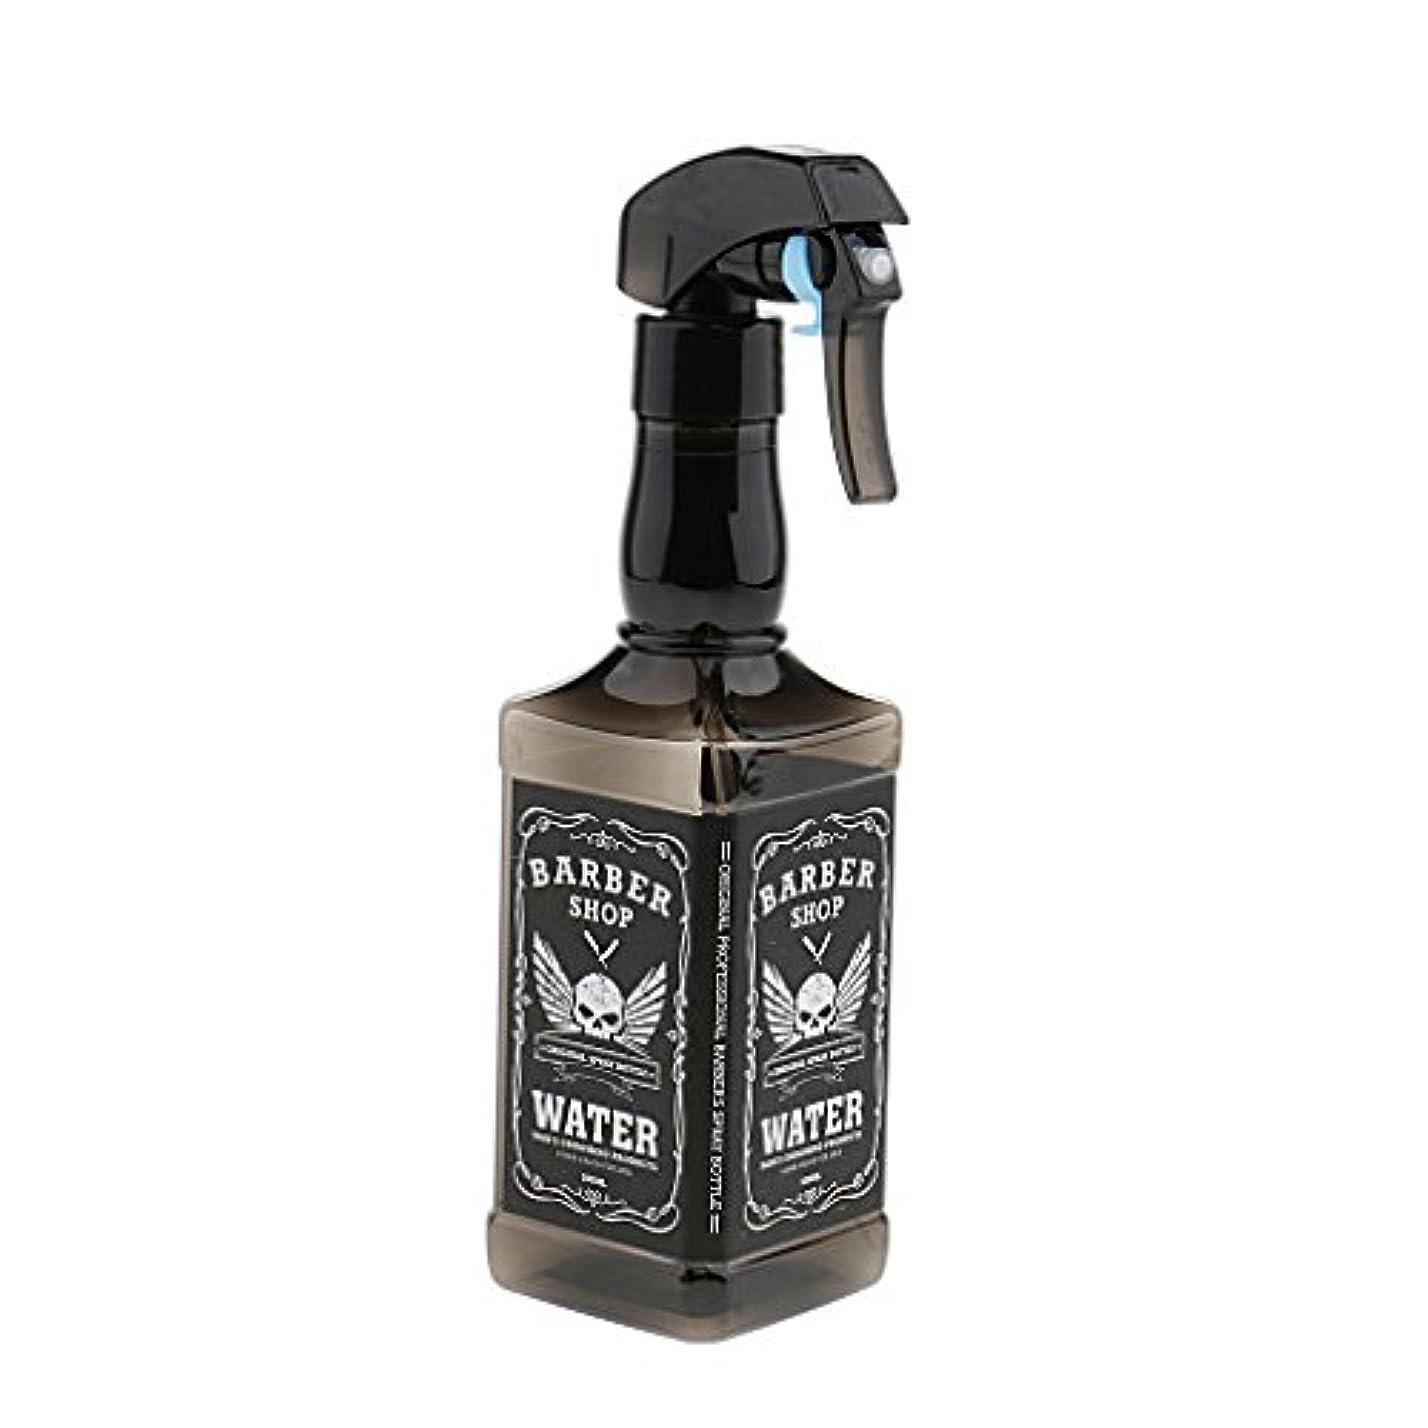 ばか肌寒い登場スプレーボトル プラスチック製 ヘアスプレー ボトル サロン 美容院 水スプレー 500ml 3色選べ - ブラック